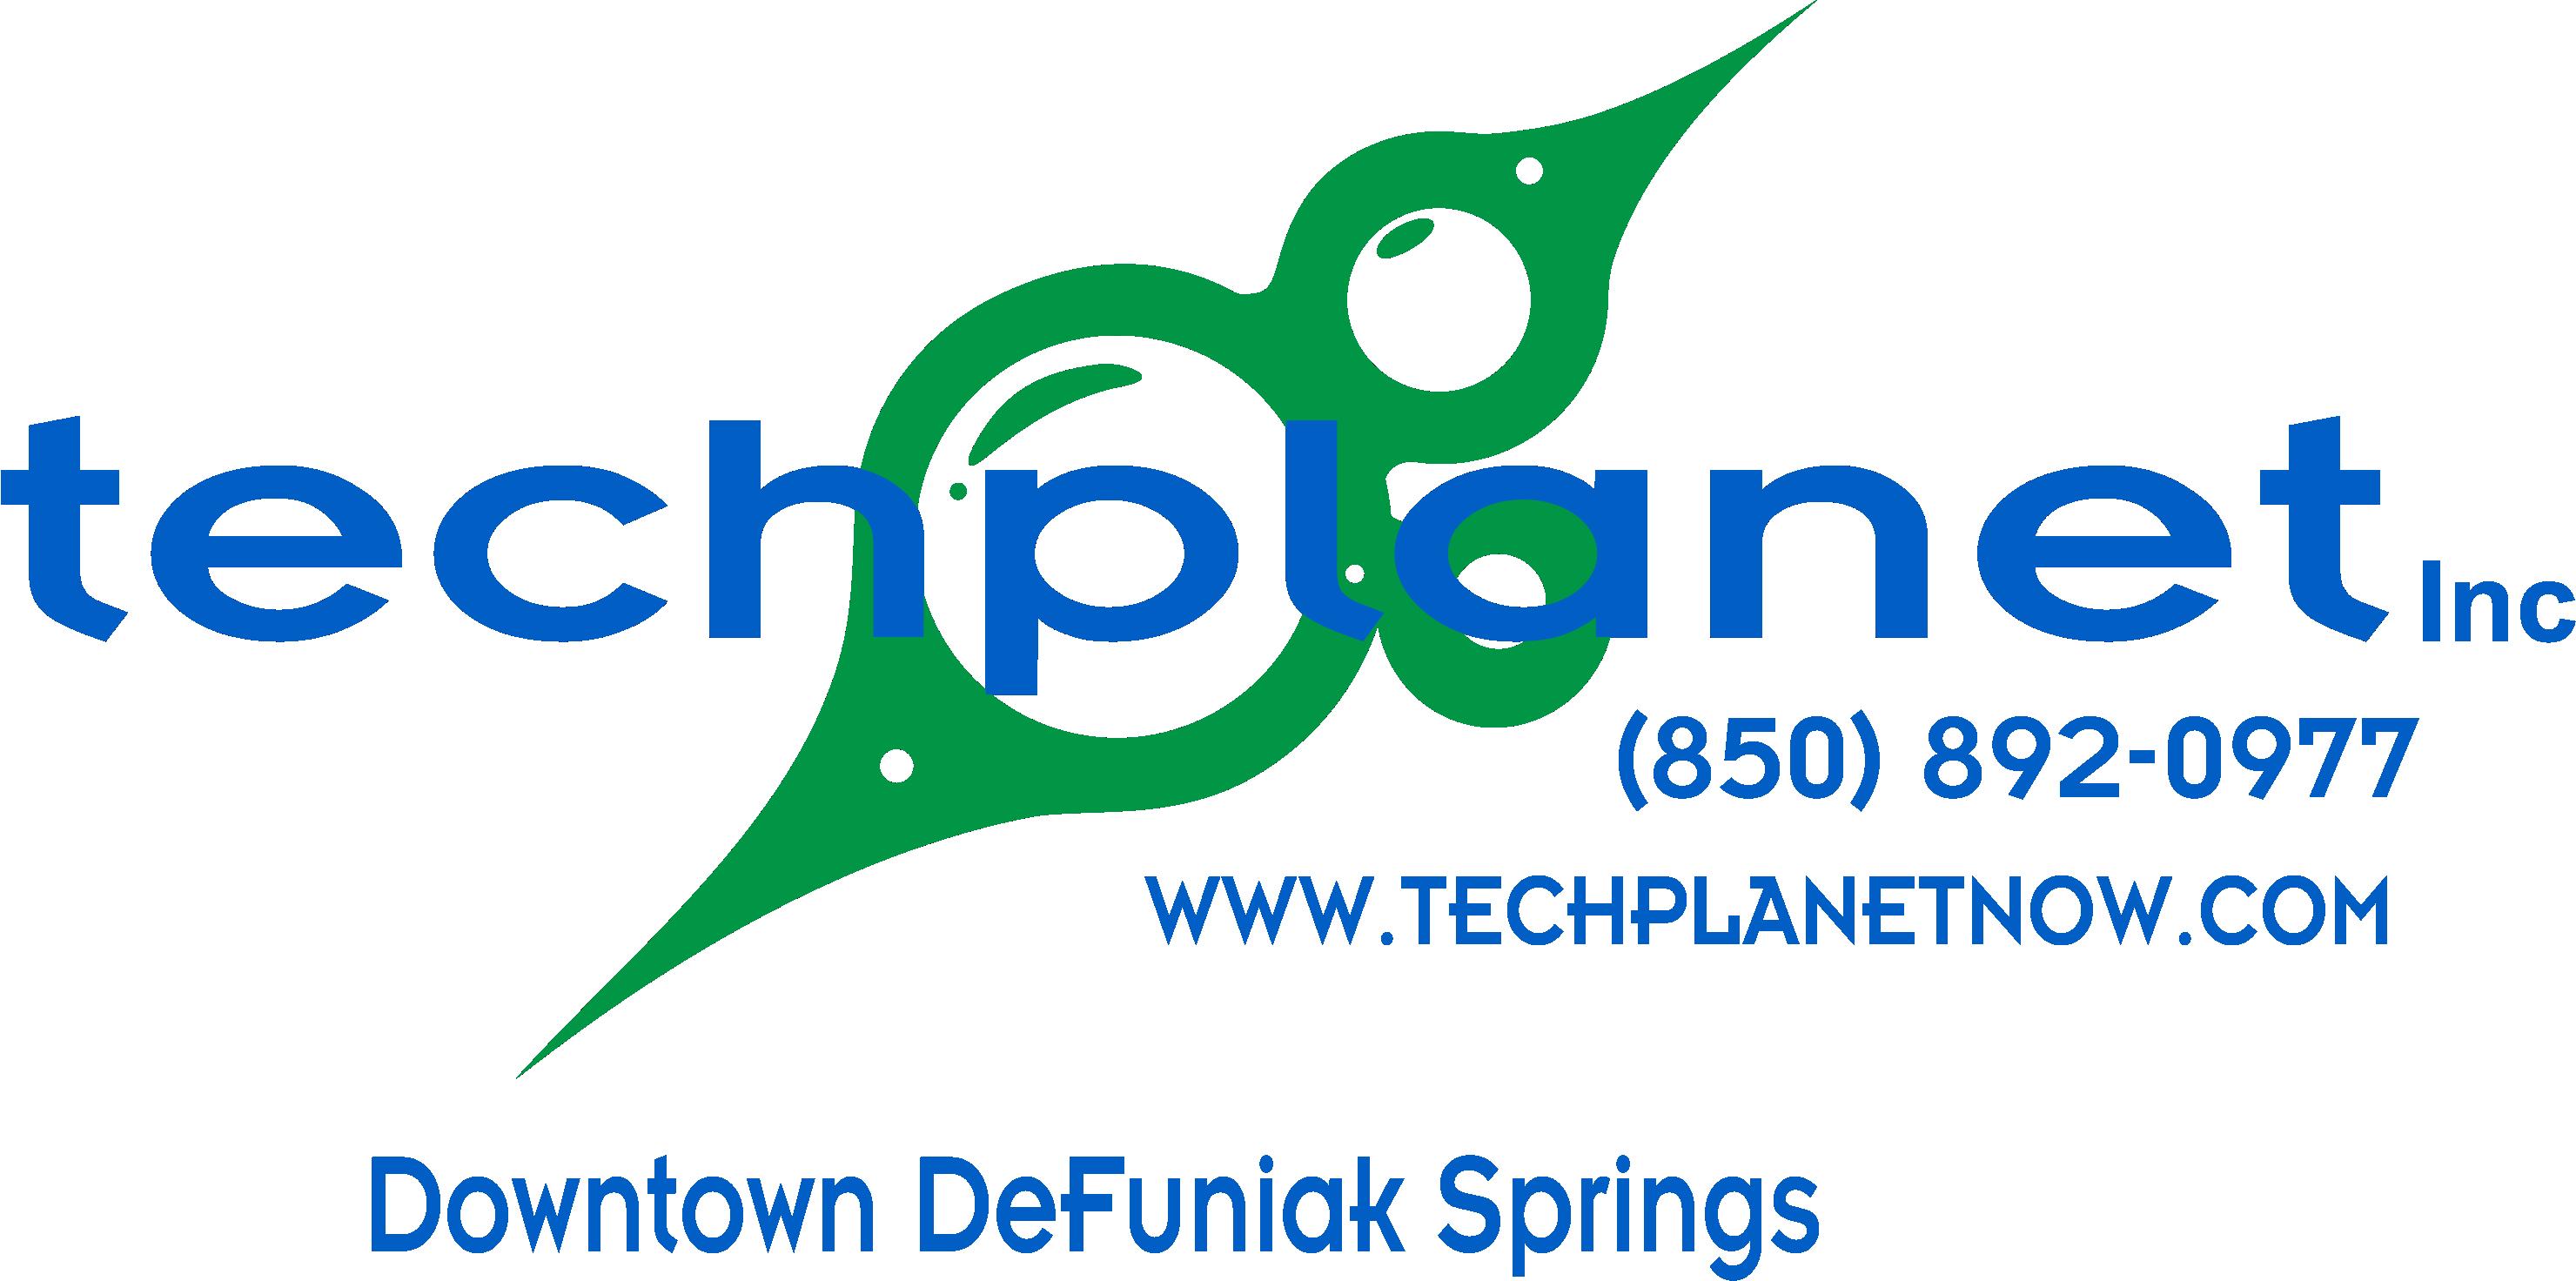 Tech Planet Inc